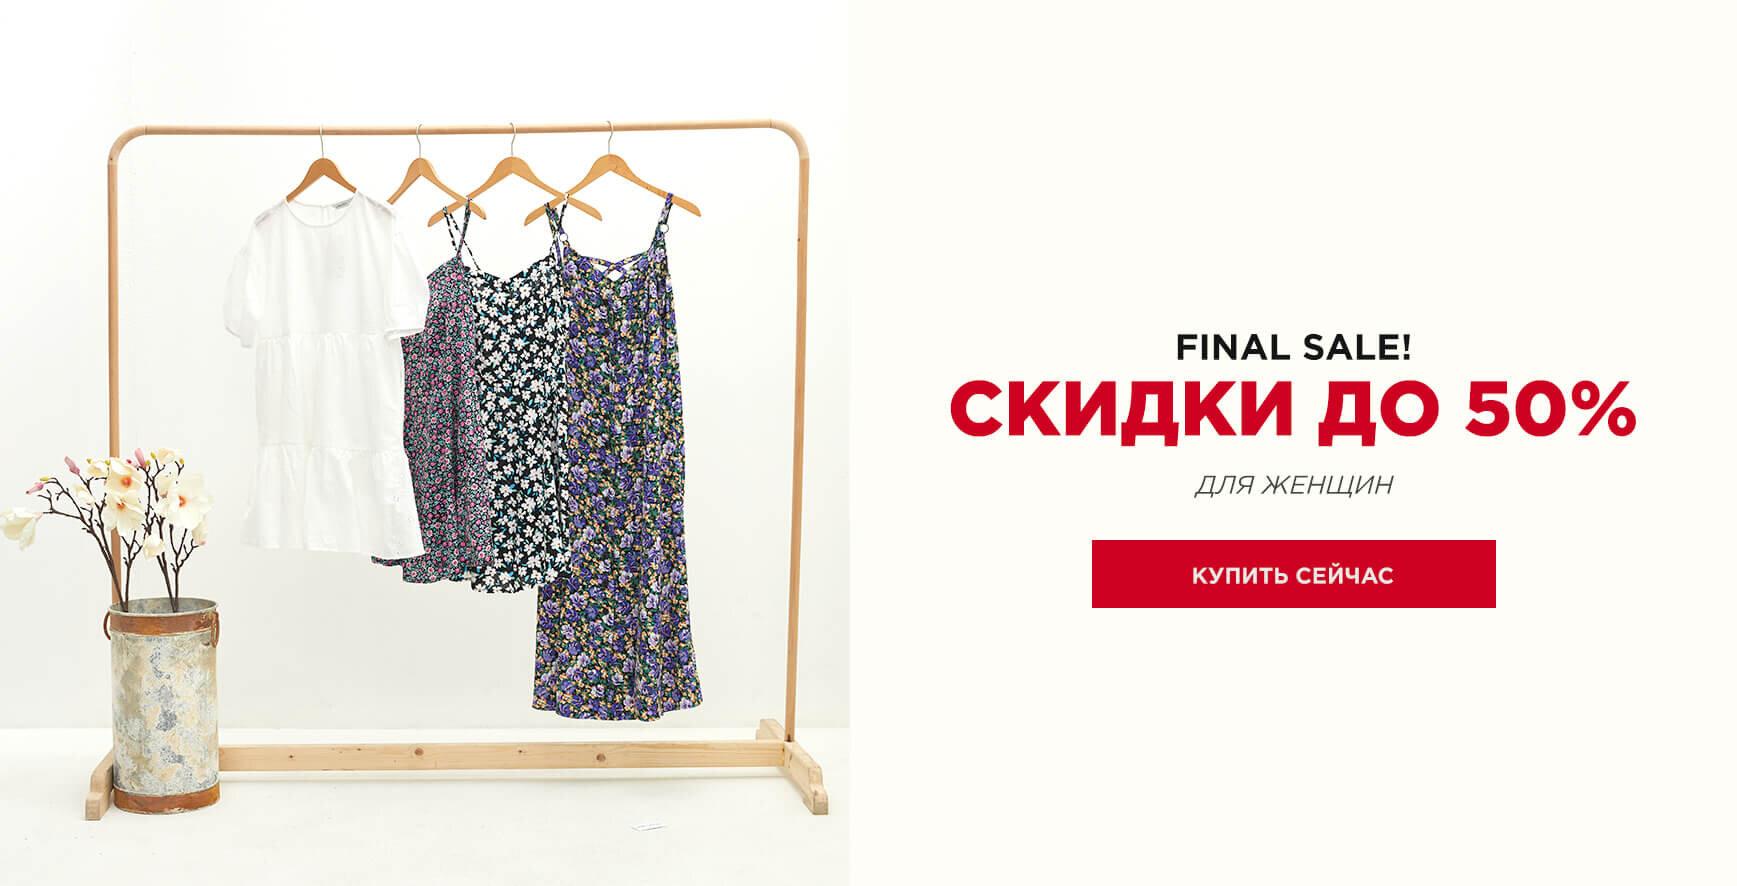 скидки на коллекцию одежды для женщин до 70%